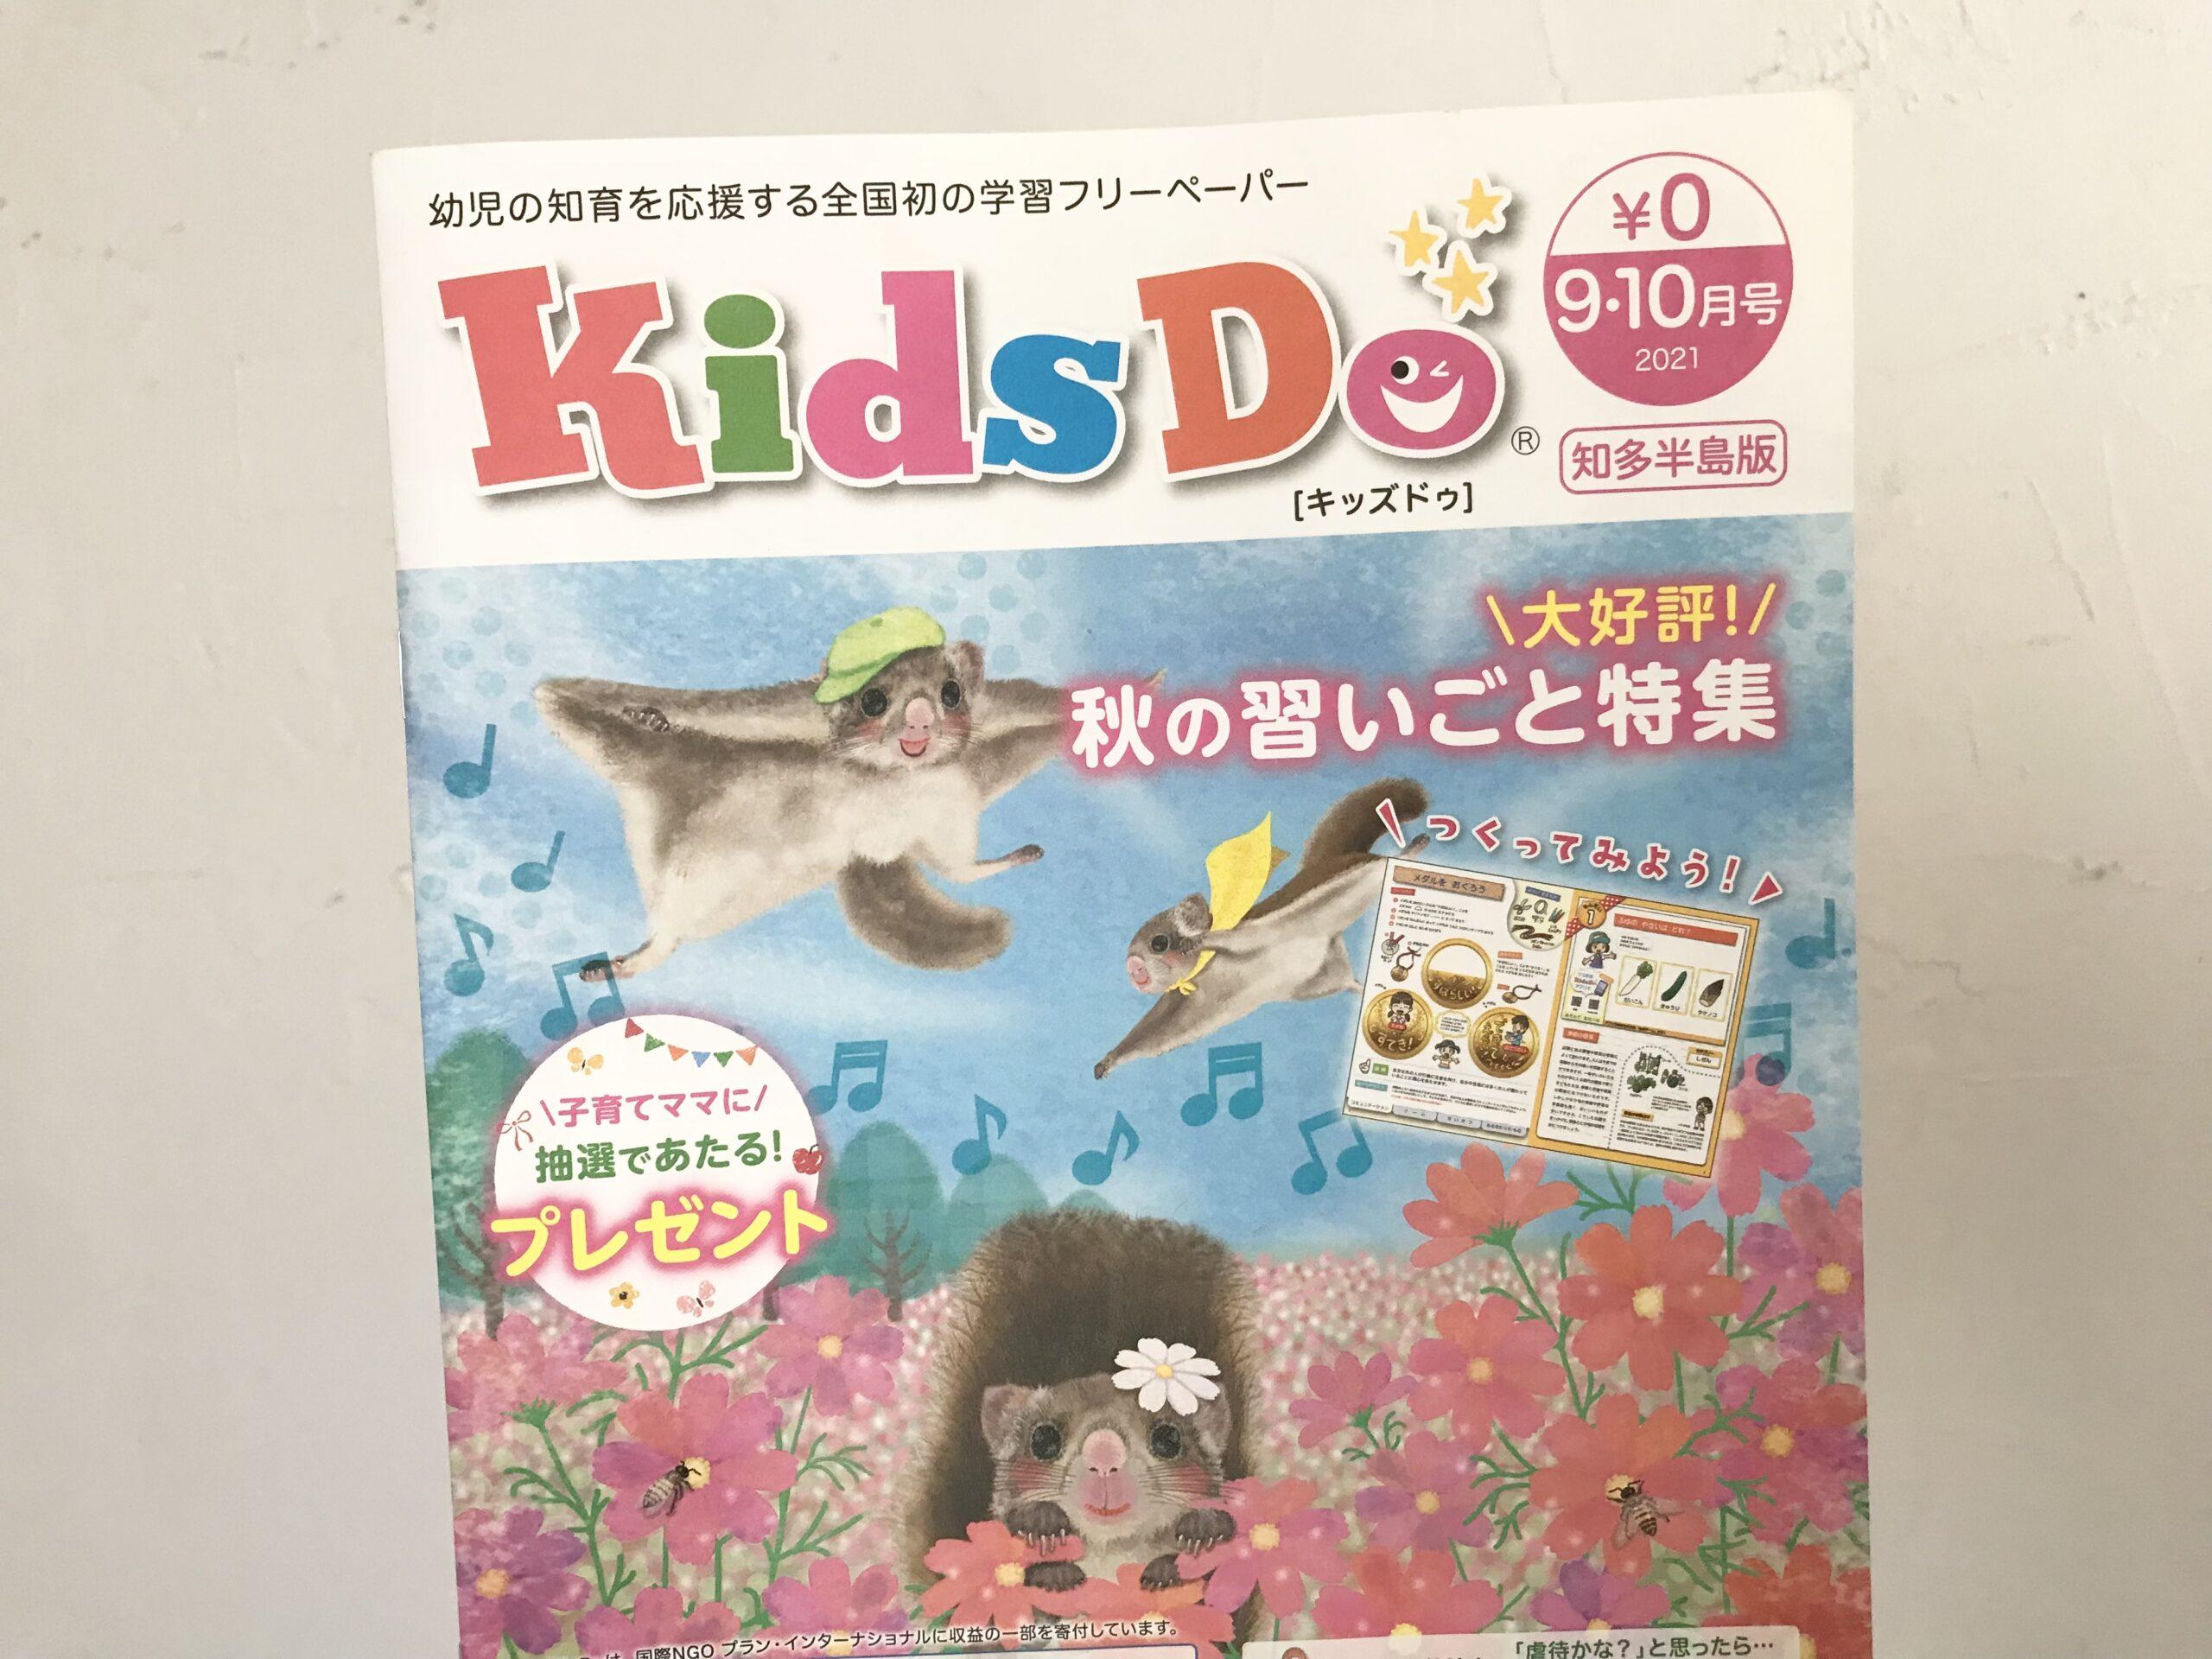 学習フリーペーパー「Kids Do キッズドゥ」掲載のお知らせ イメージ画像